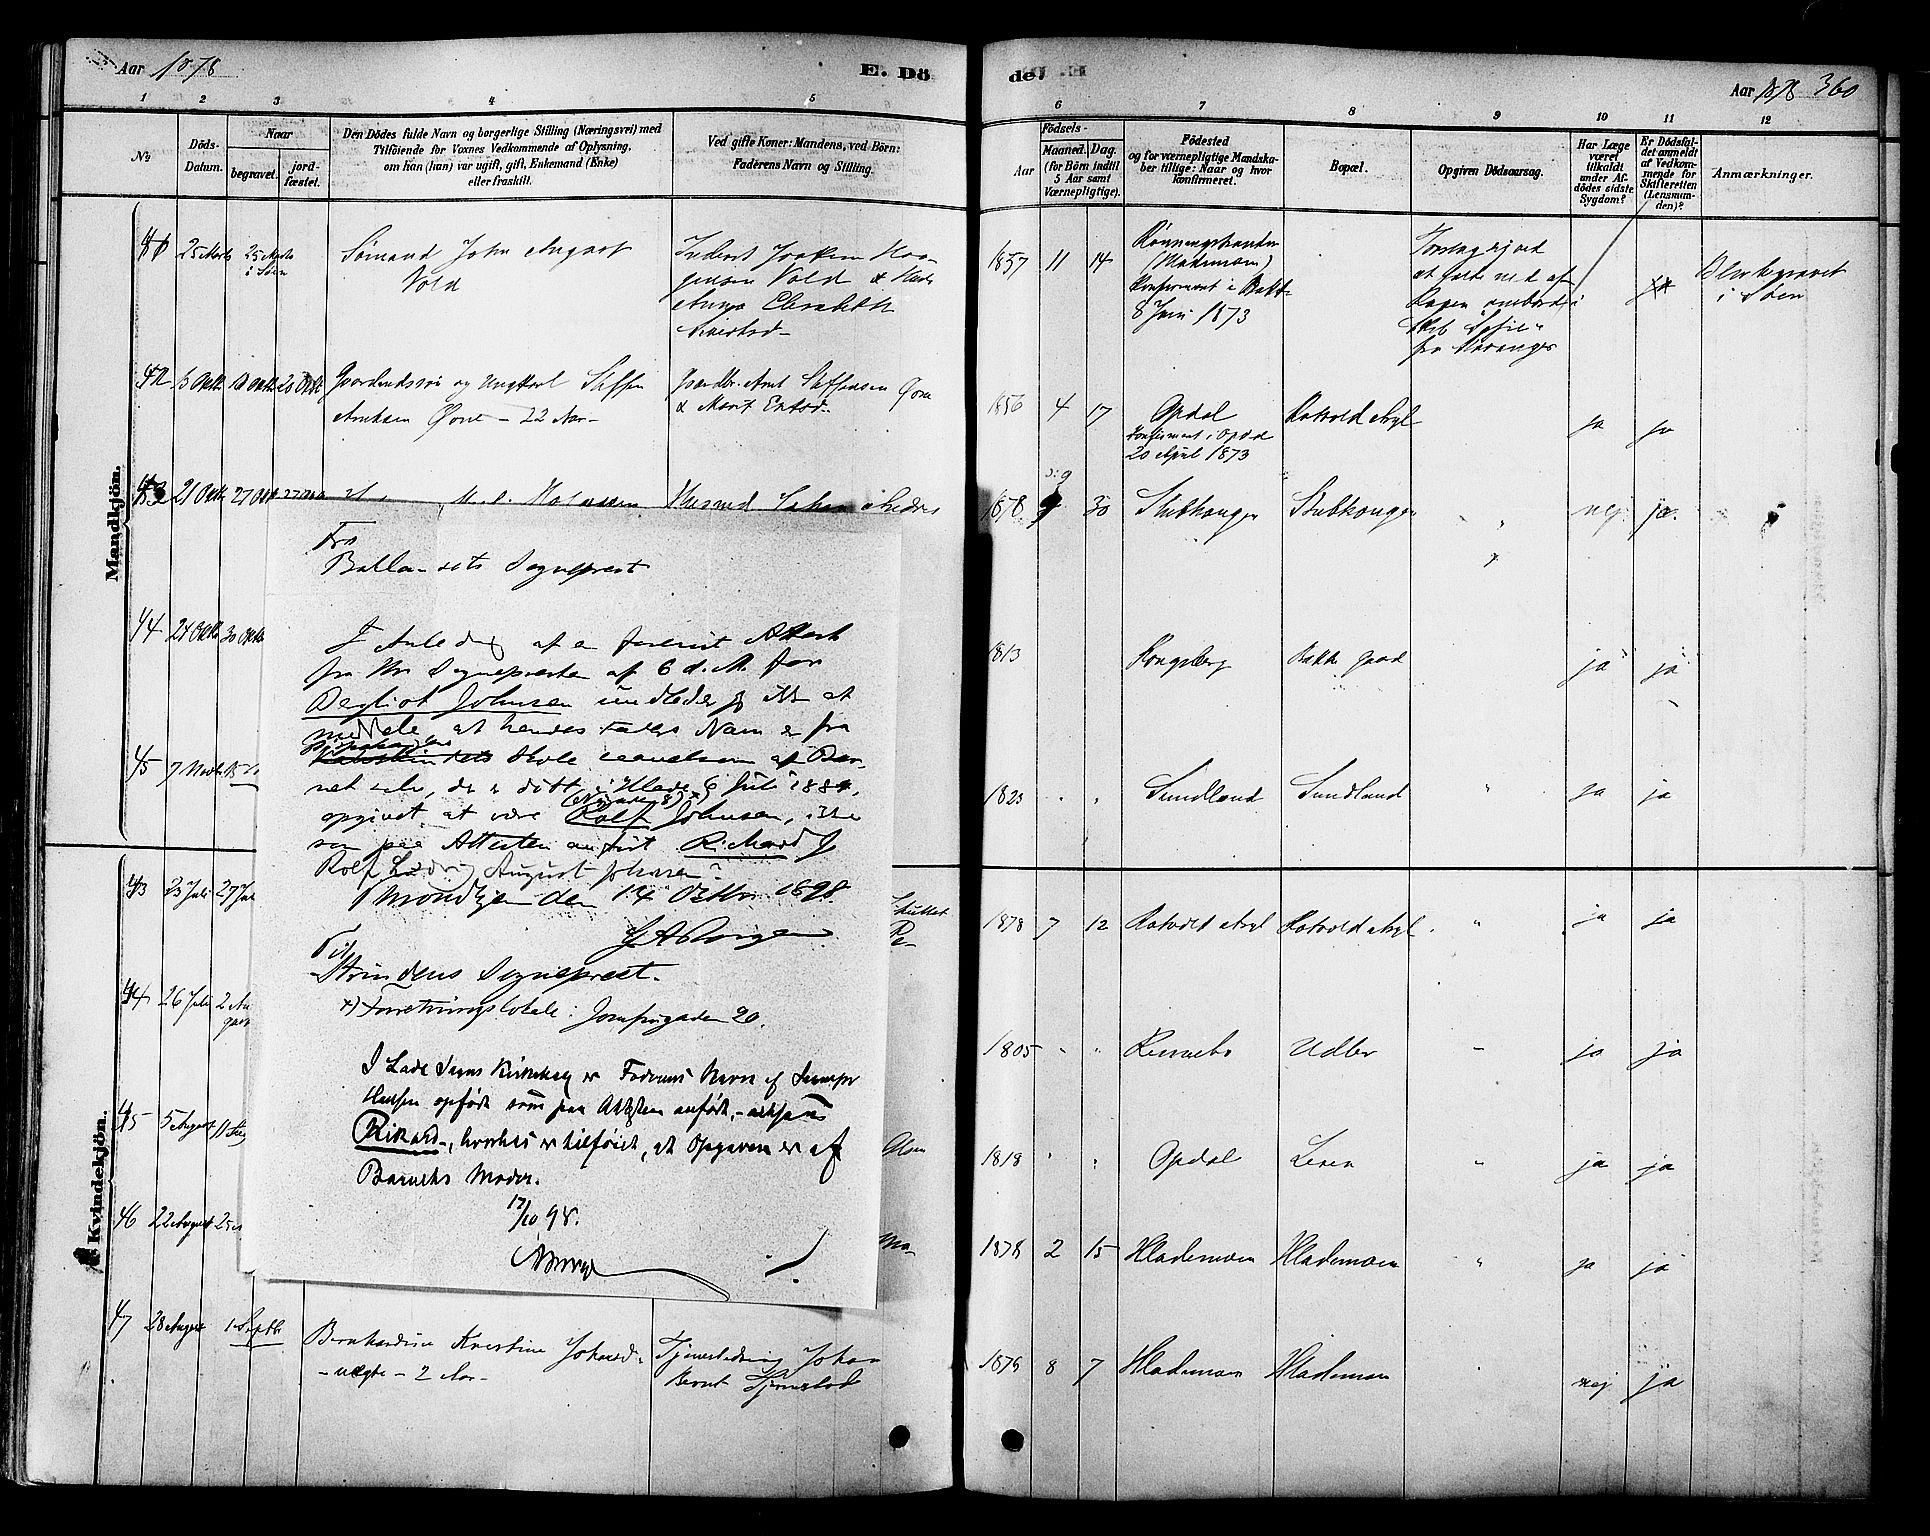 SAT, Ministerialprotokoller, klokkerbøker og fødselsregistre - Sør-Trøndelag, 606/L0294: Ministerialbok nr. 606A09, 1878-1886, s. 360